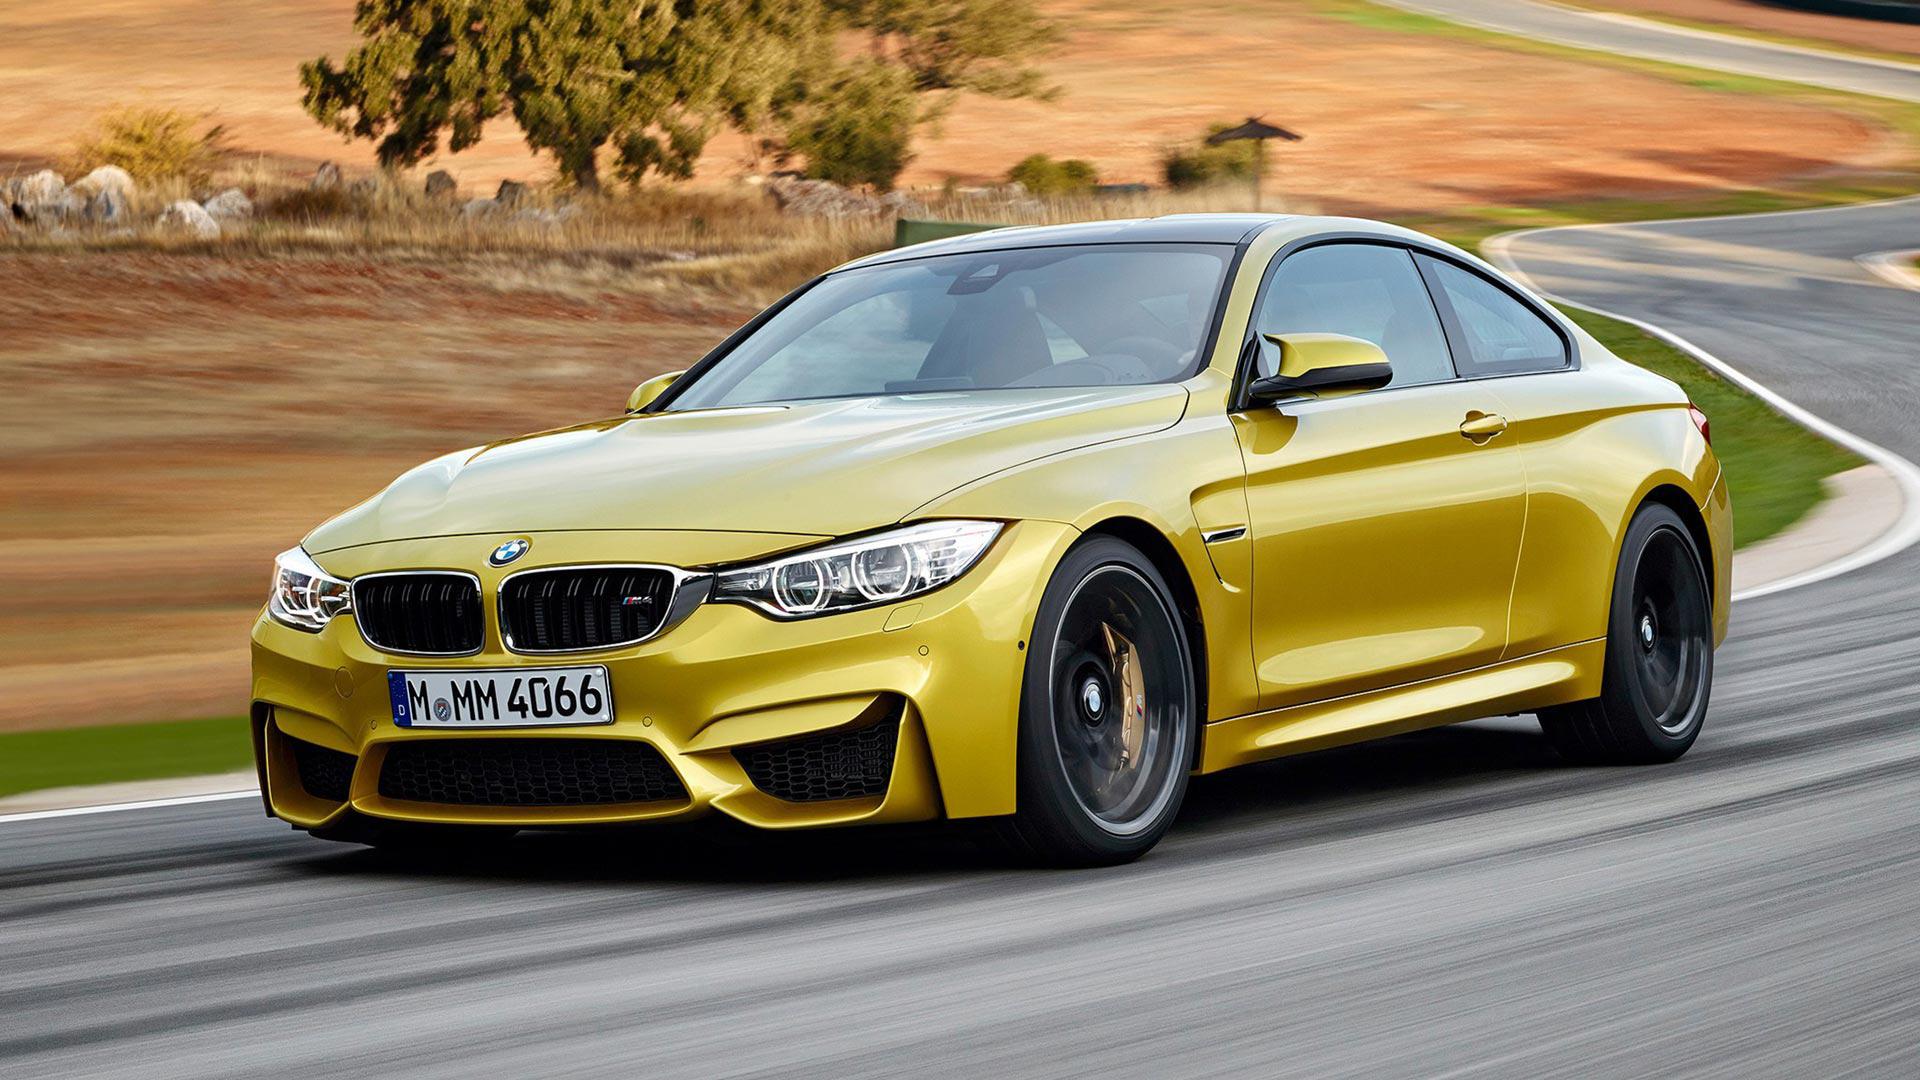 2014 F82 BMW M4